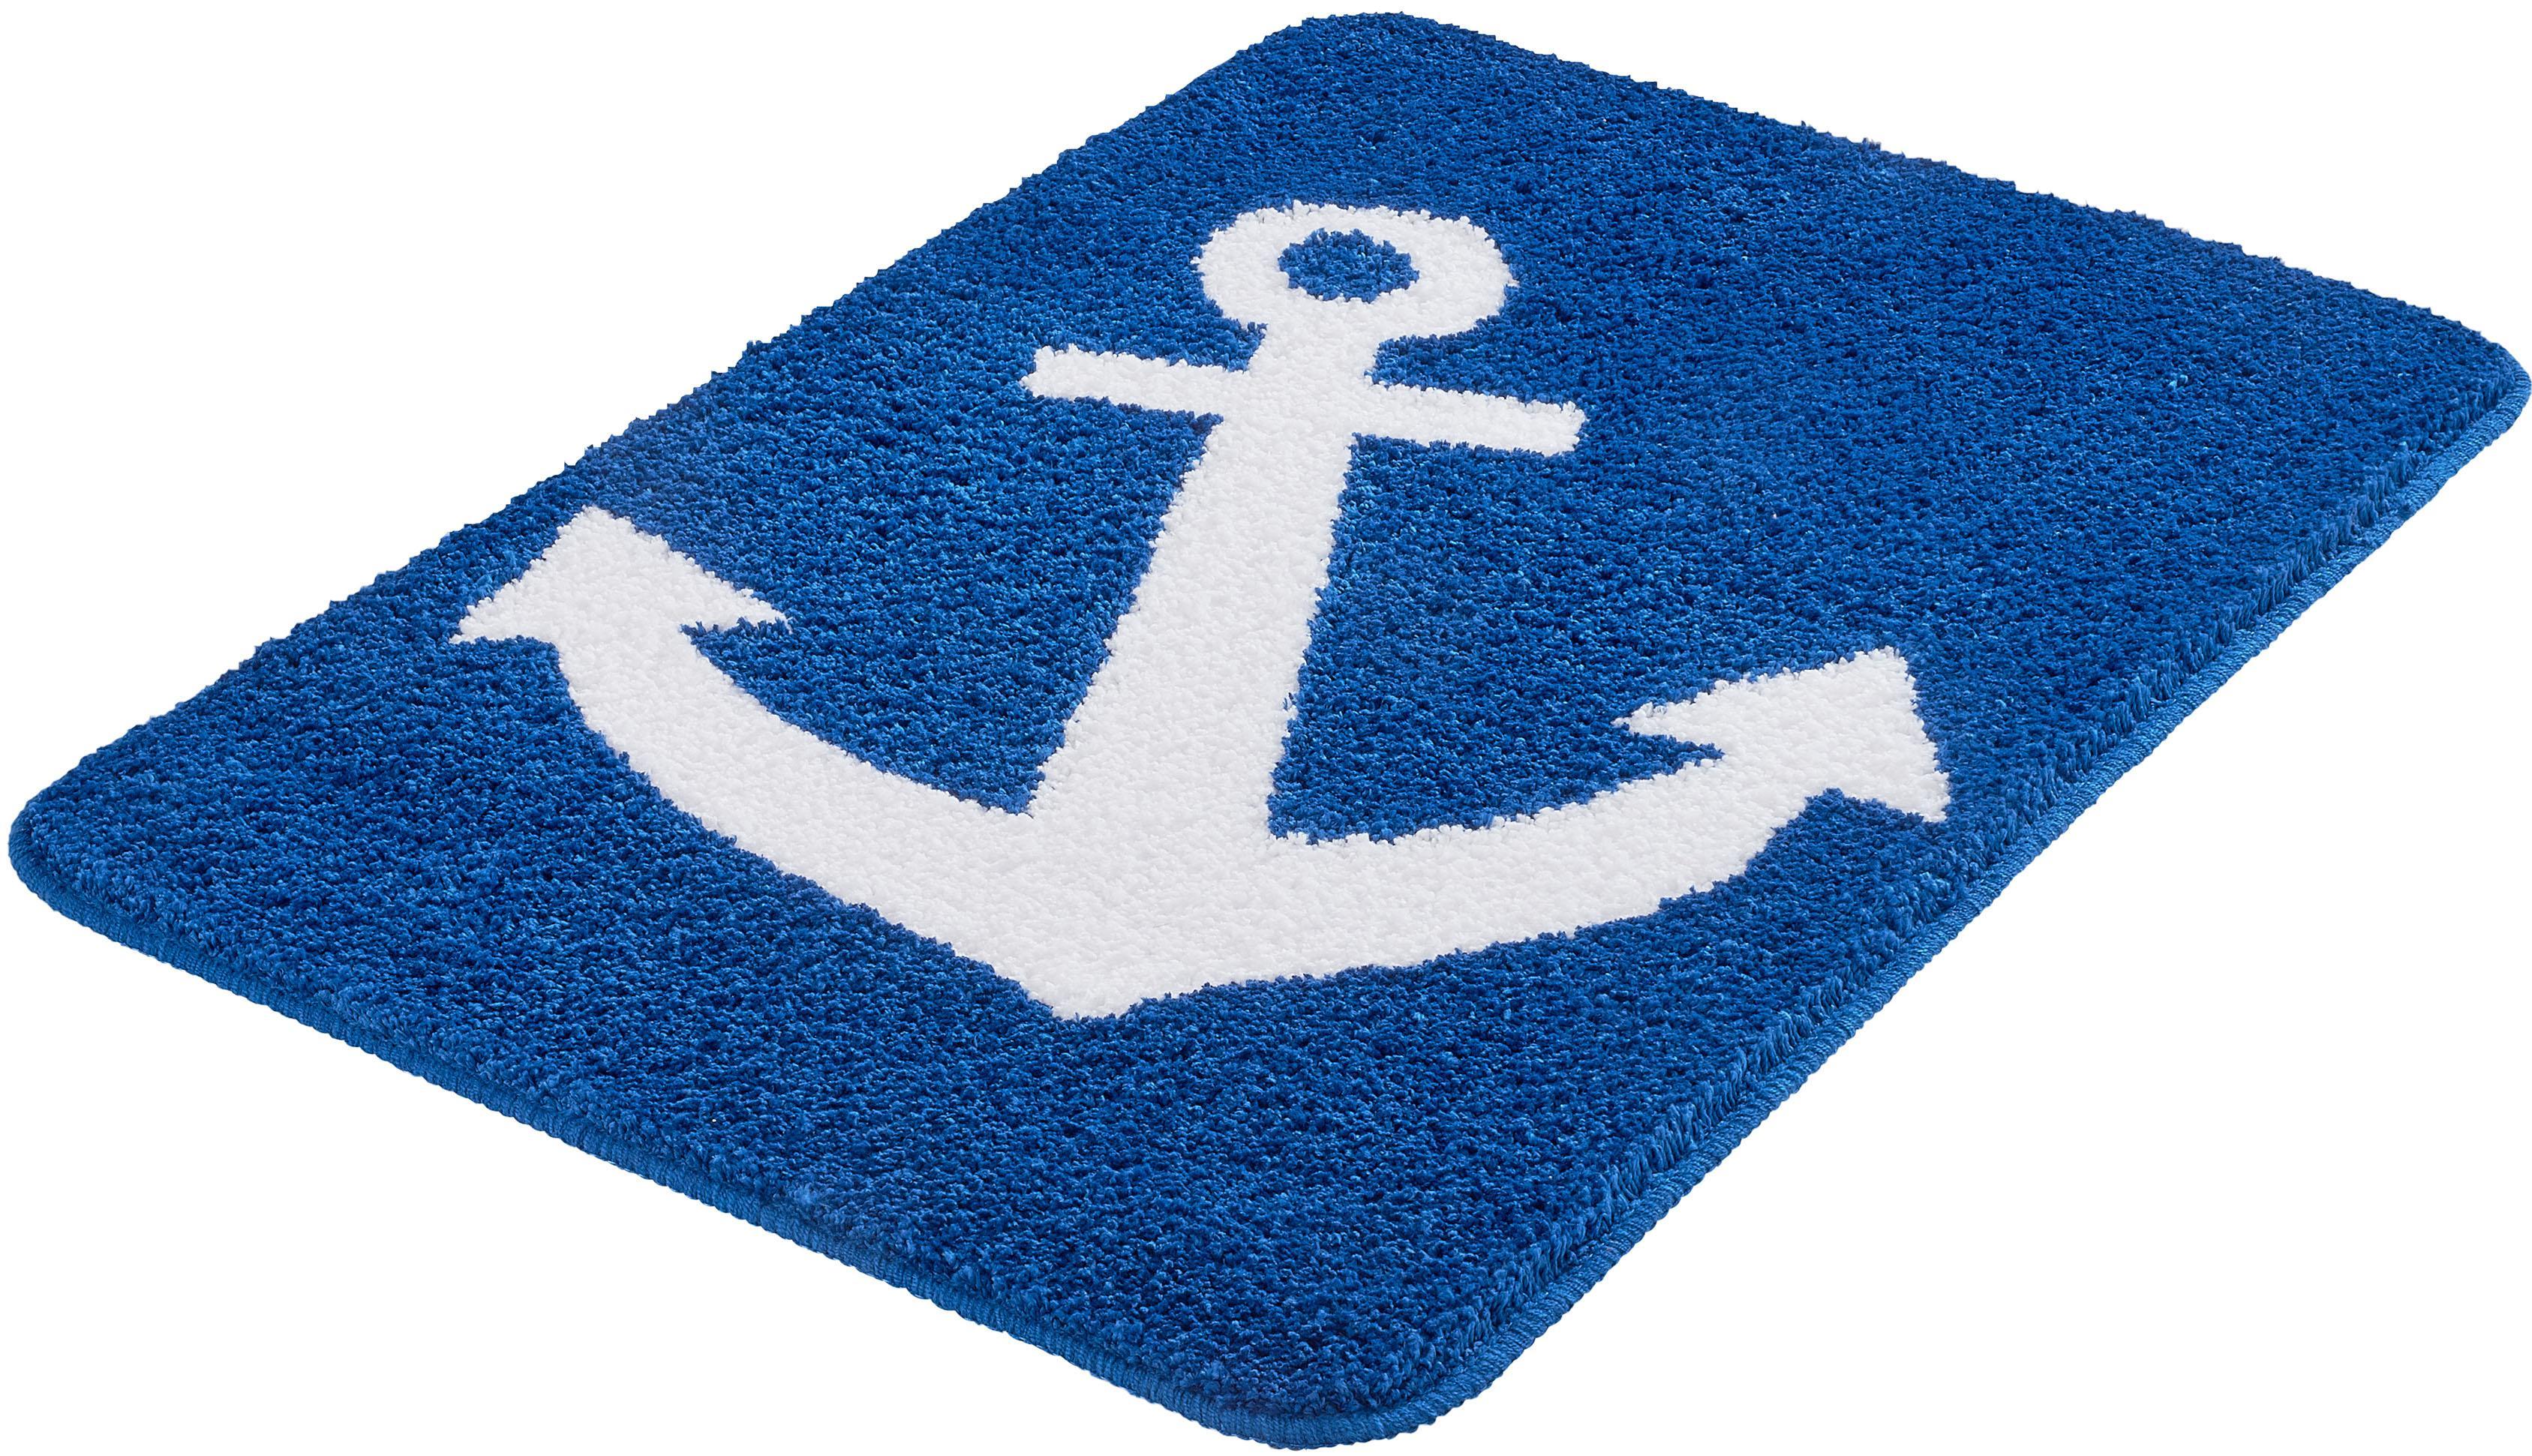 Badematte »Anchor«, Kleine Wolke, Höhe 12 mm, rutschhemmend beschichtet,  fußbodenheizungsgeeignet auf Raten | BAUR